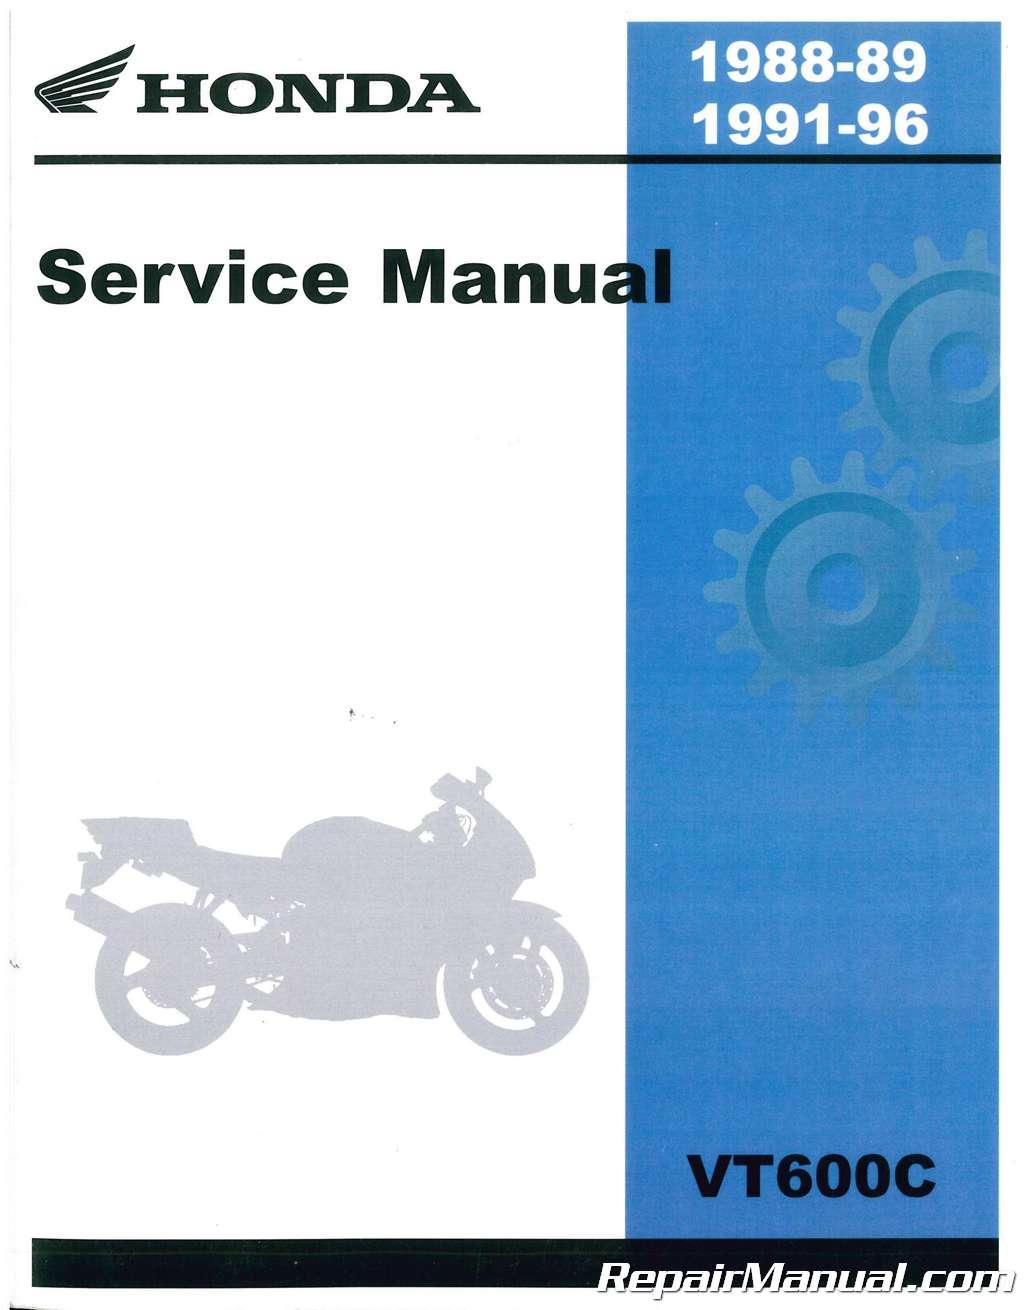 1988 1996 honda vt600c service manual rh repairmanual com honda vt 600 c service manual pdf honda vt 600 c service manual pdf